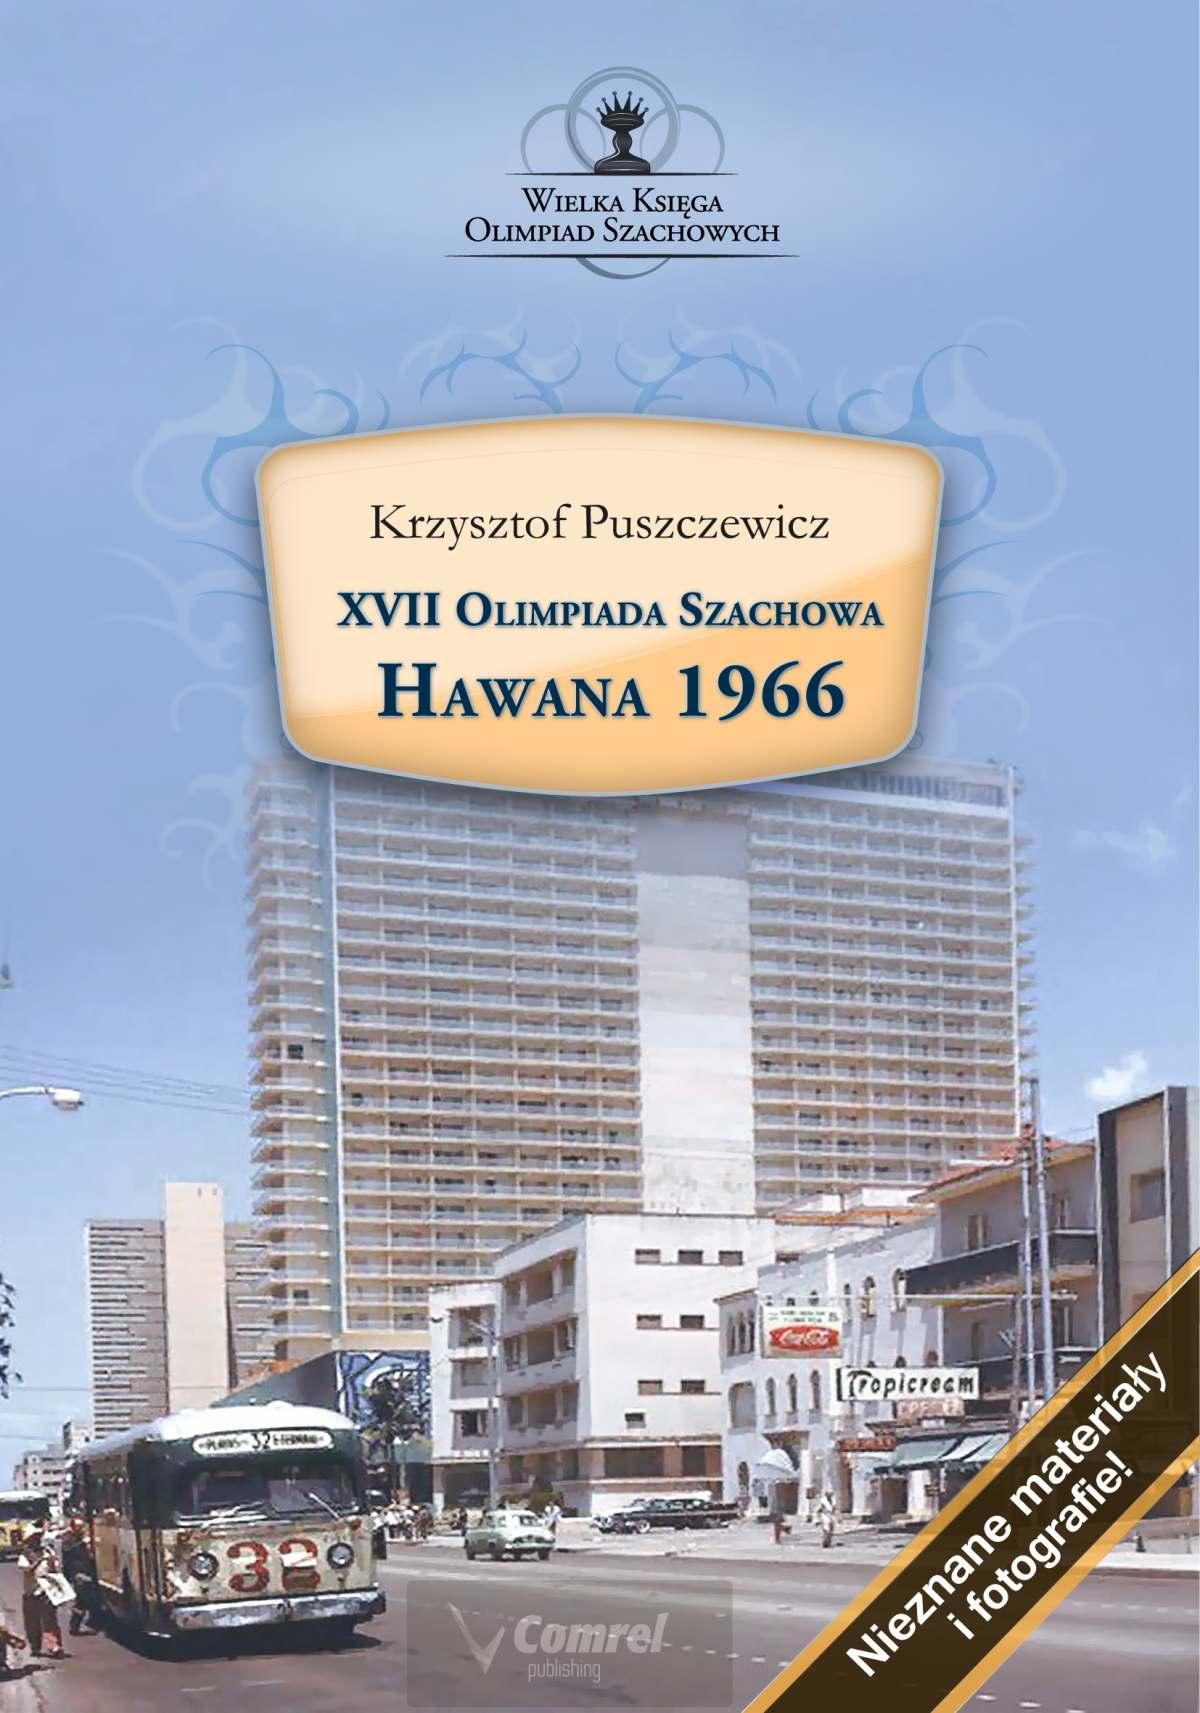 XVII Olimpiada Szachowa. Hawana 1966 - Ebook (Książka PDF) do pobrania w formacie PDF